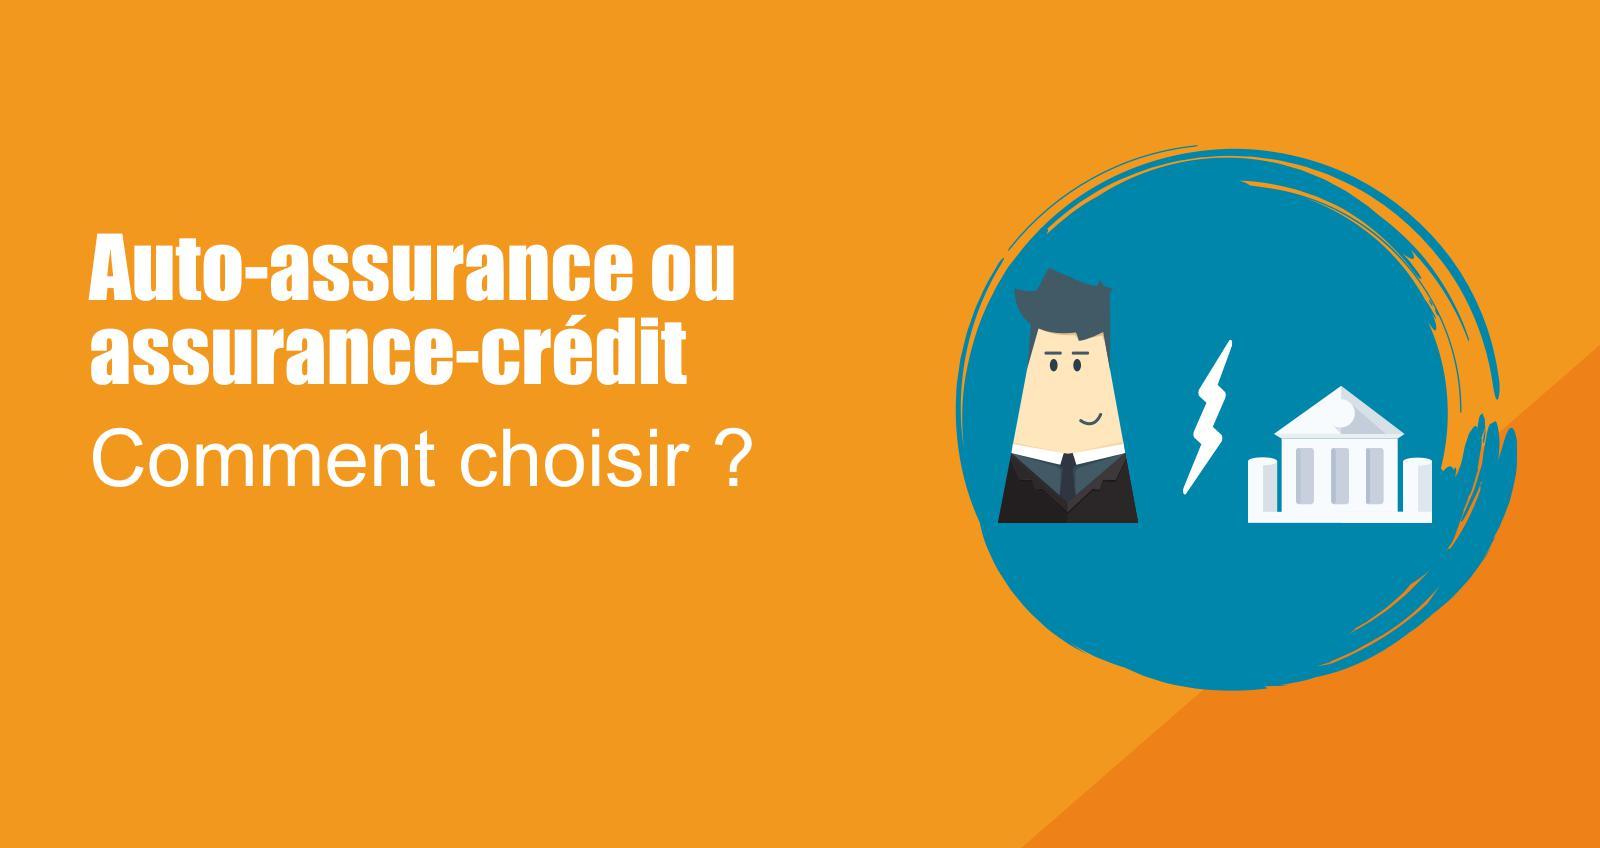 Auto-assurance ou assurance-crédit : comment choisir ?